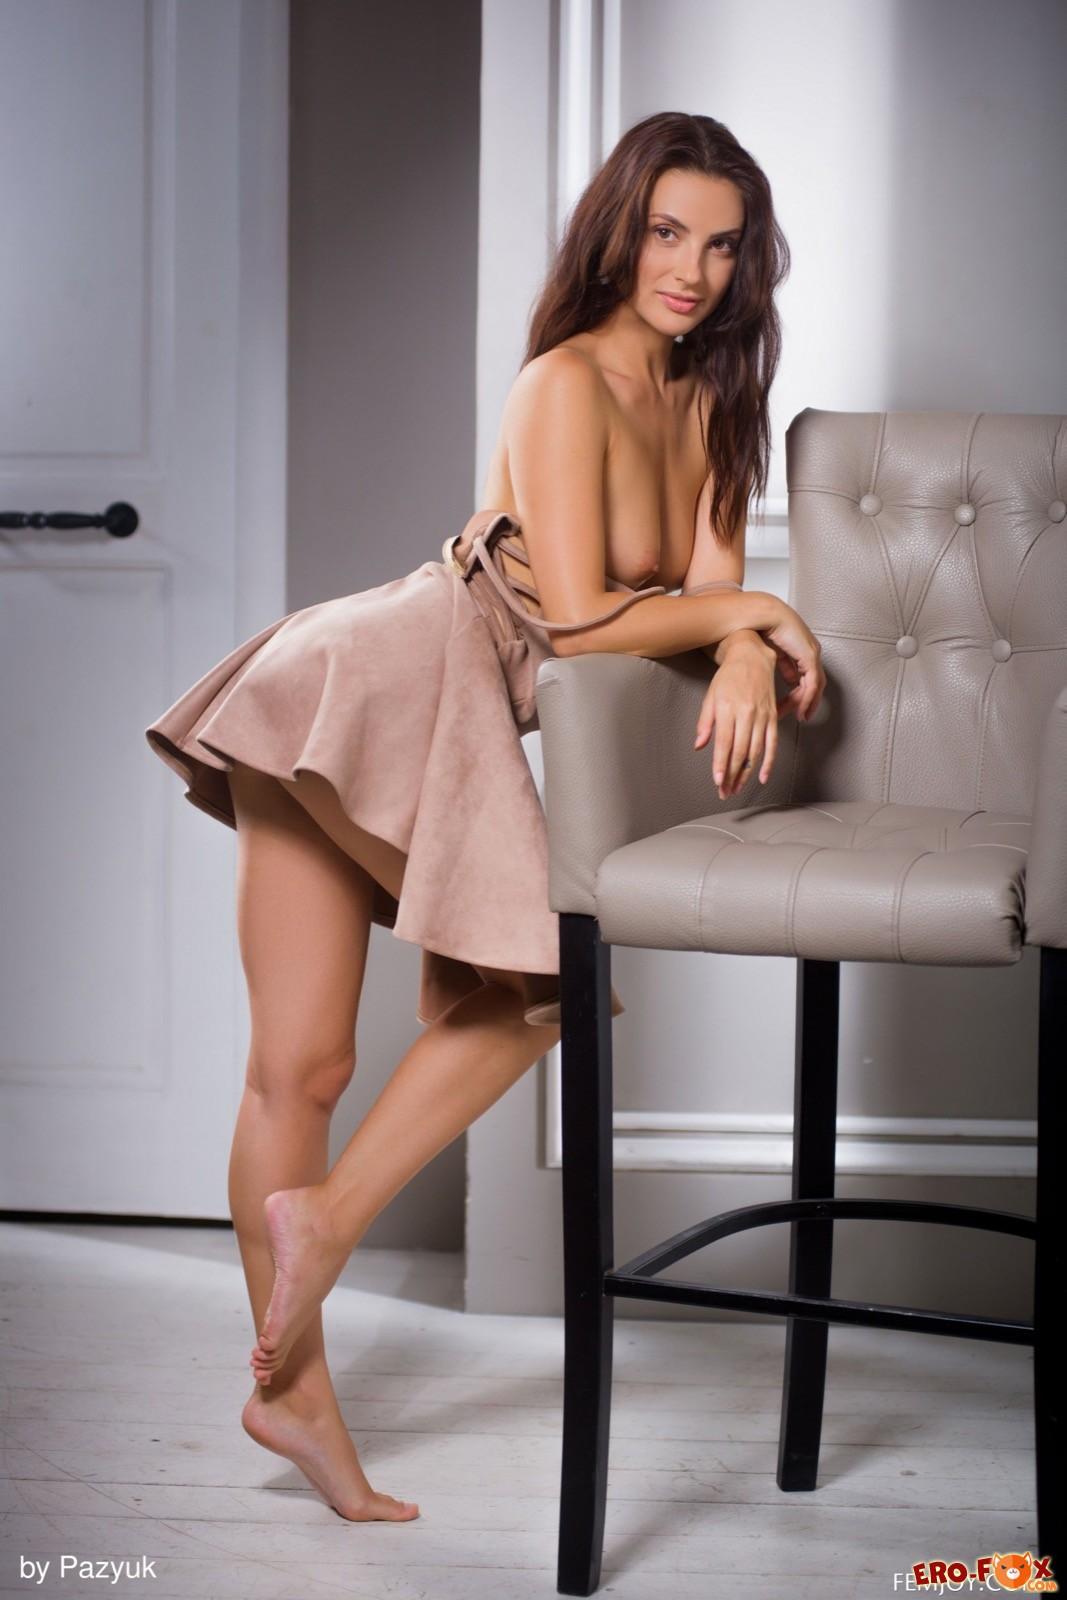 Симпатичная девушка медленно снимает платье - фото